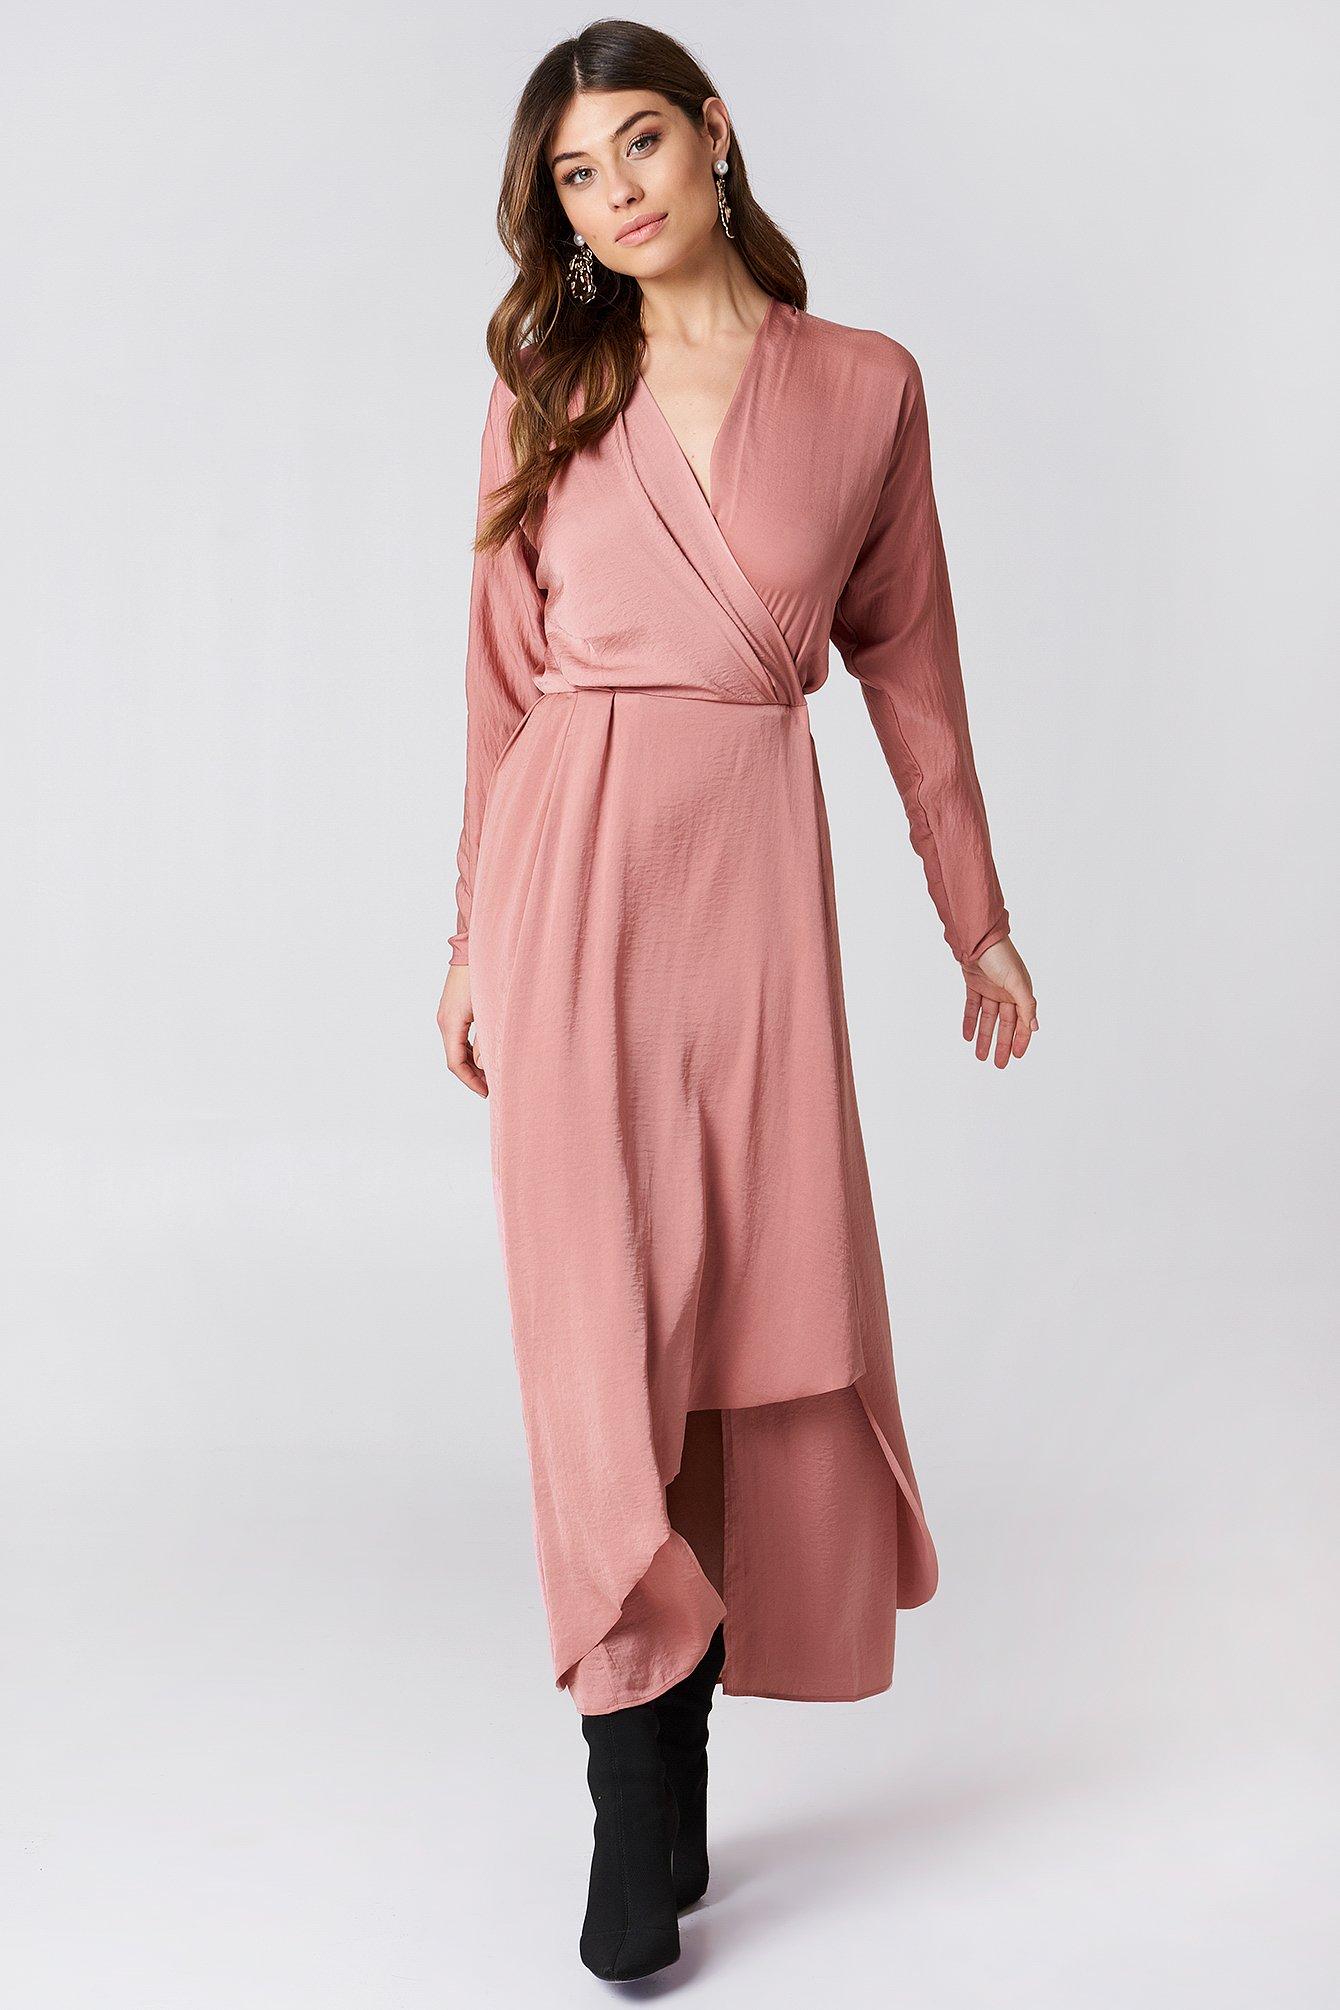 Drapey Wrap Dress Salmon  8fa10929a3ec